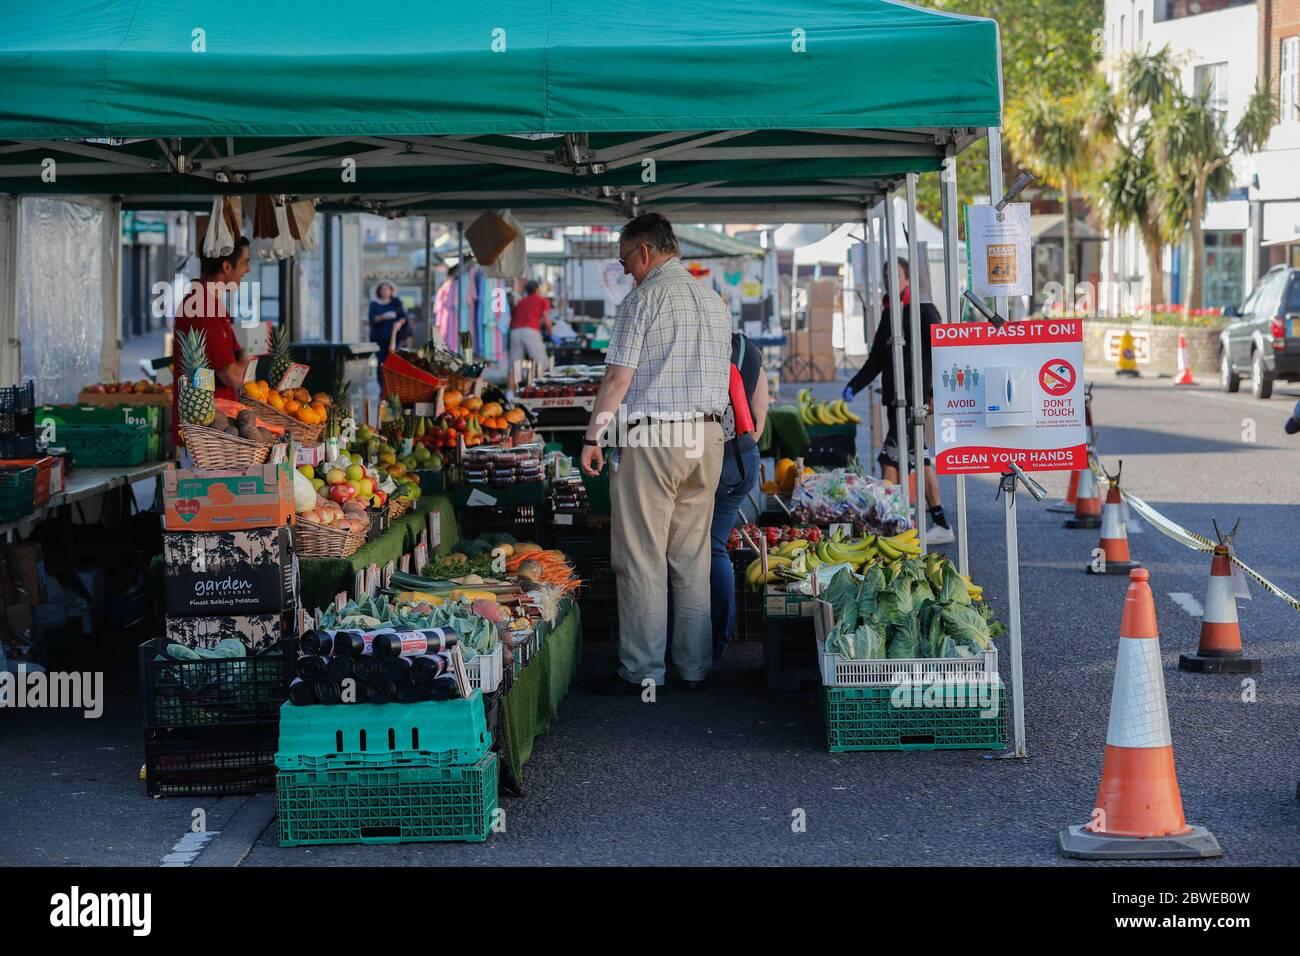 Christchurch, Reino Unido. 1 de junio de 2020. El mercado callejero al aire libre en Christchurch, Dorset, se reabre con procedimientos de seguridad Covid19 en el lugar incluyendo sólo un número limitado de soportes y la provisión de desinfectantes de manos. Crédito: Richard Crease/Alamy Live News Foto de stock